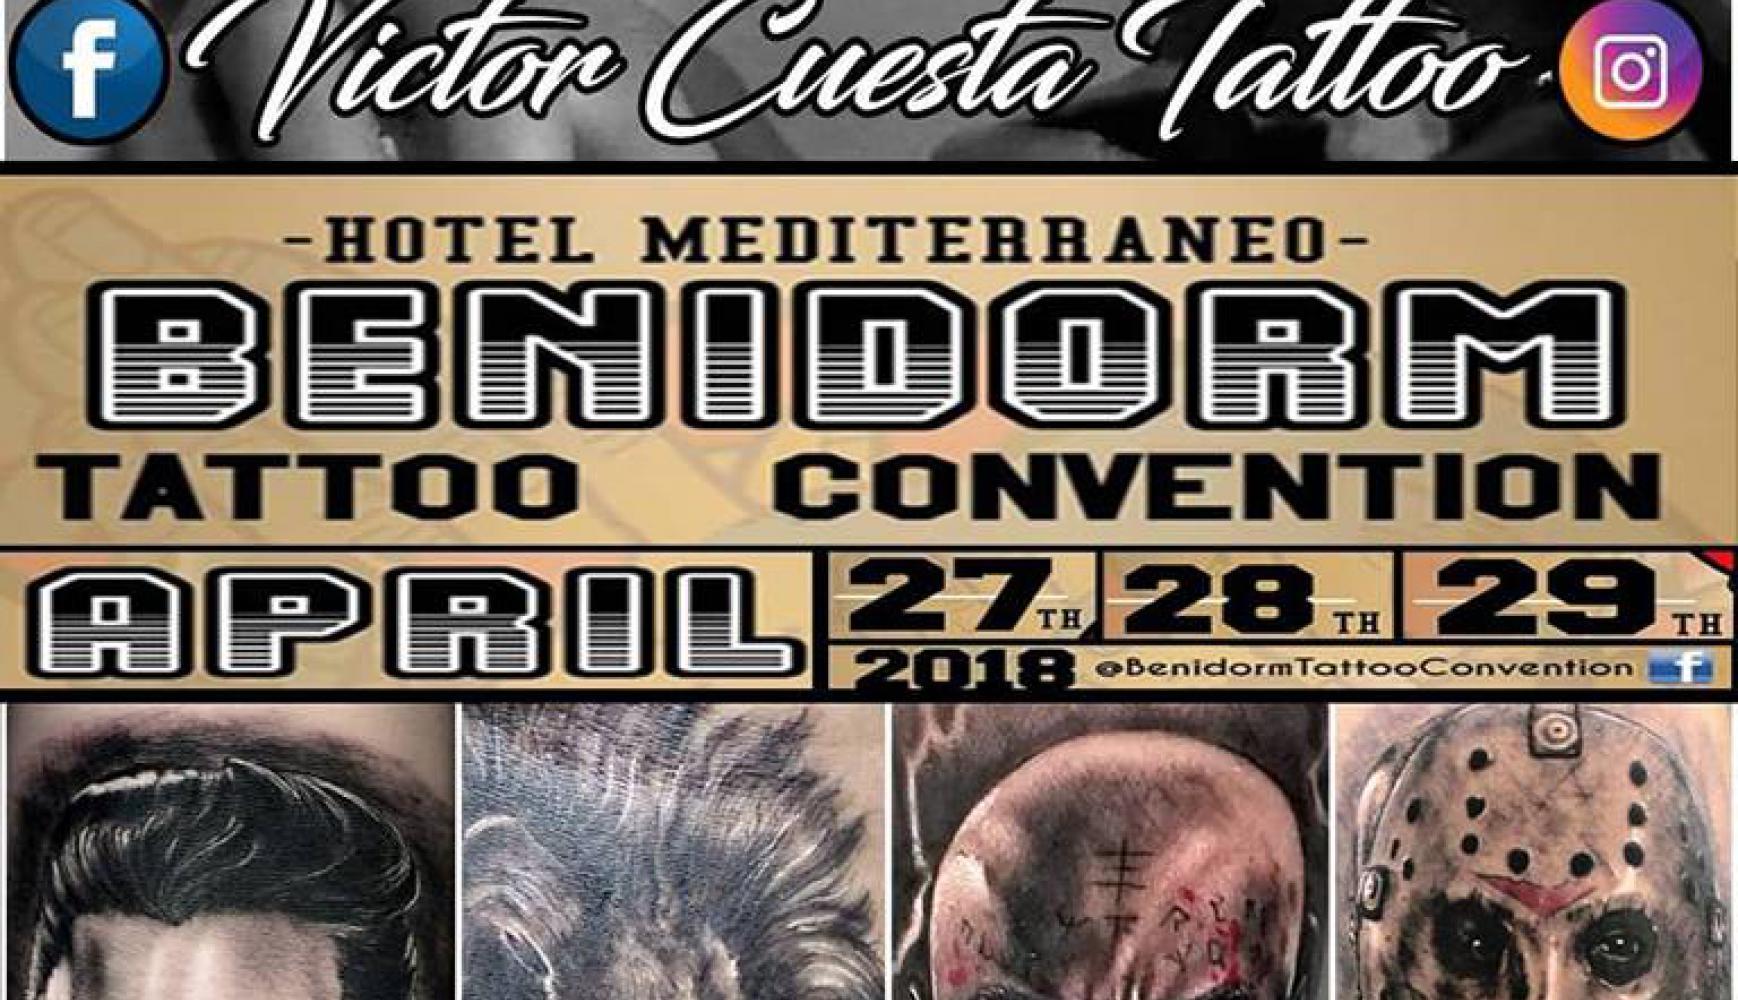 Los 5 sentidos Tattoo en convencion de tattoo Benidorm 2018